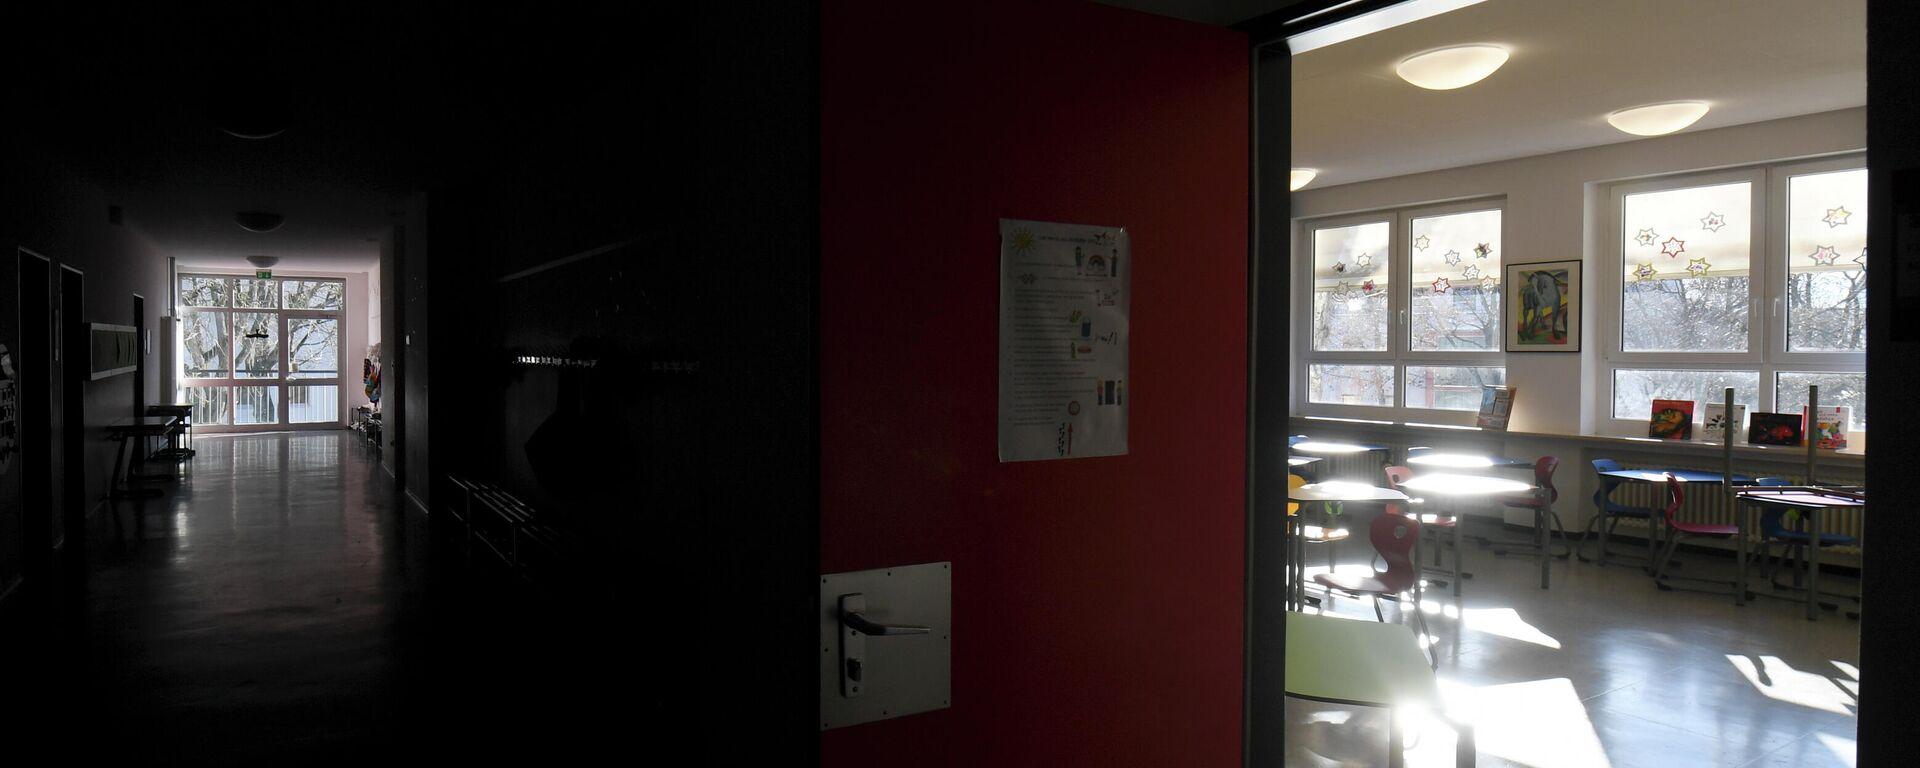 Leere Klassenräume in einer wegen Lockdowns gesperrten Schule in Eichenau - SNA, 1920, 19.01.2021